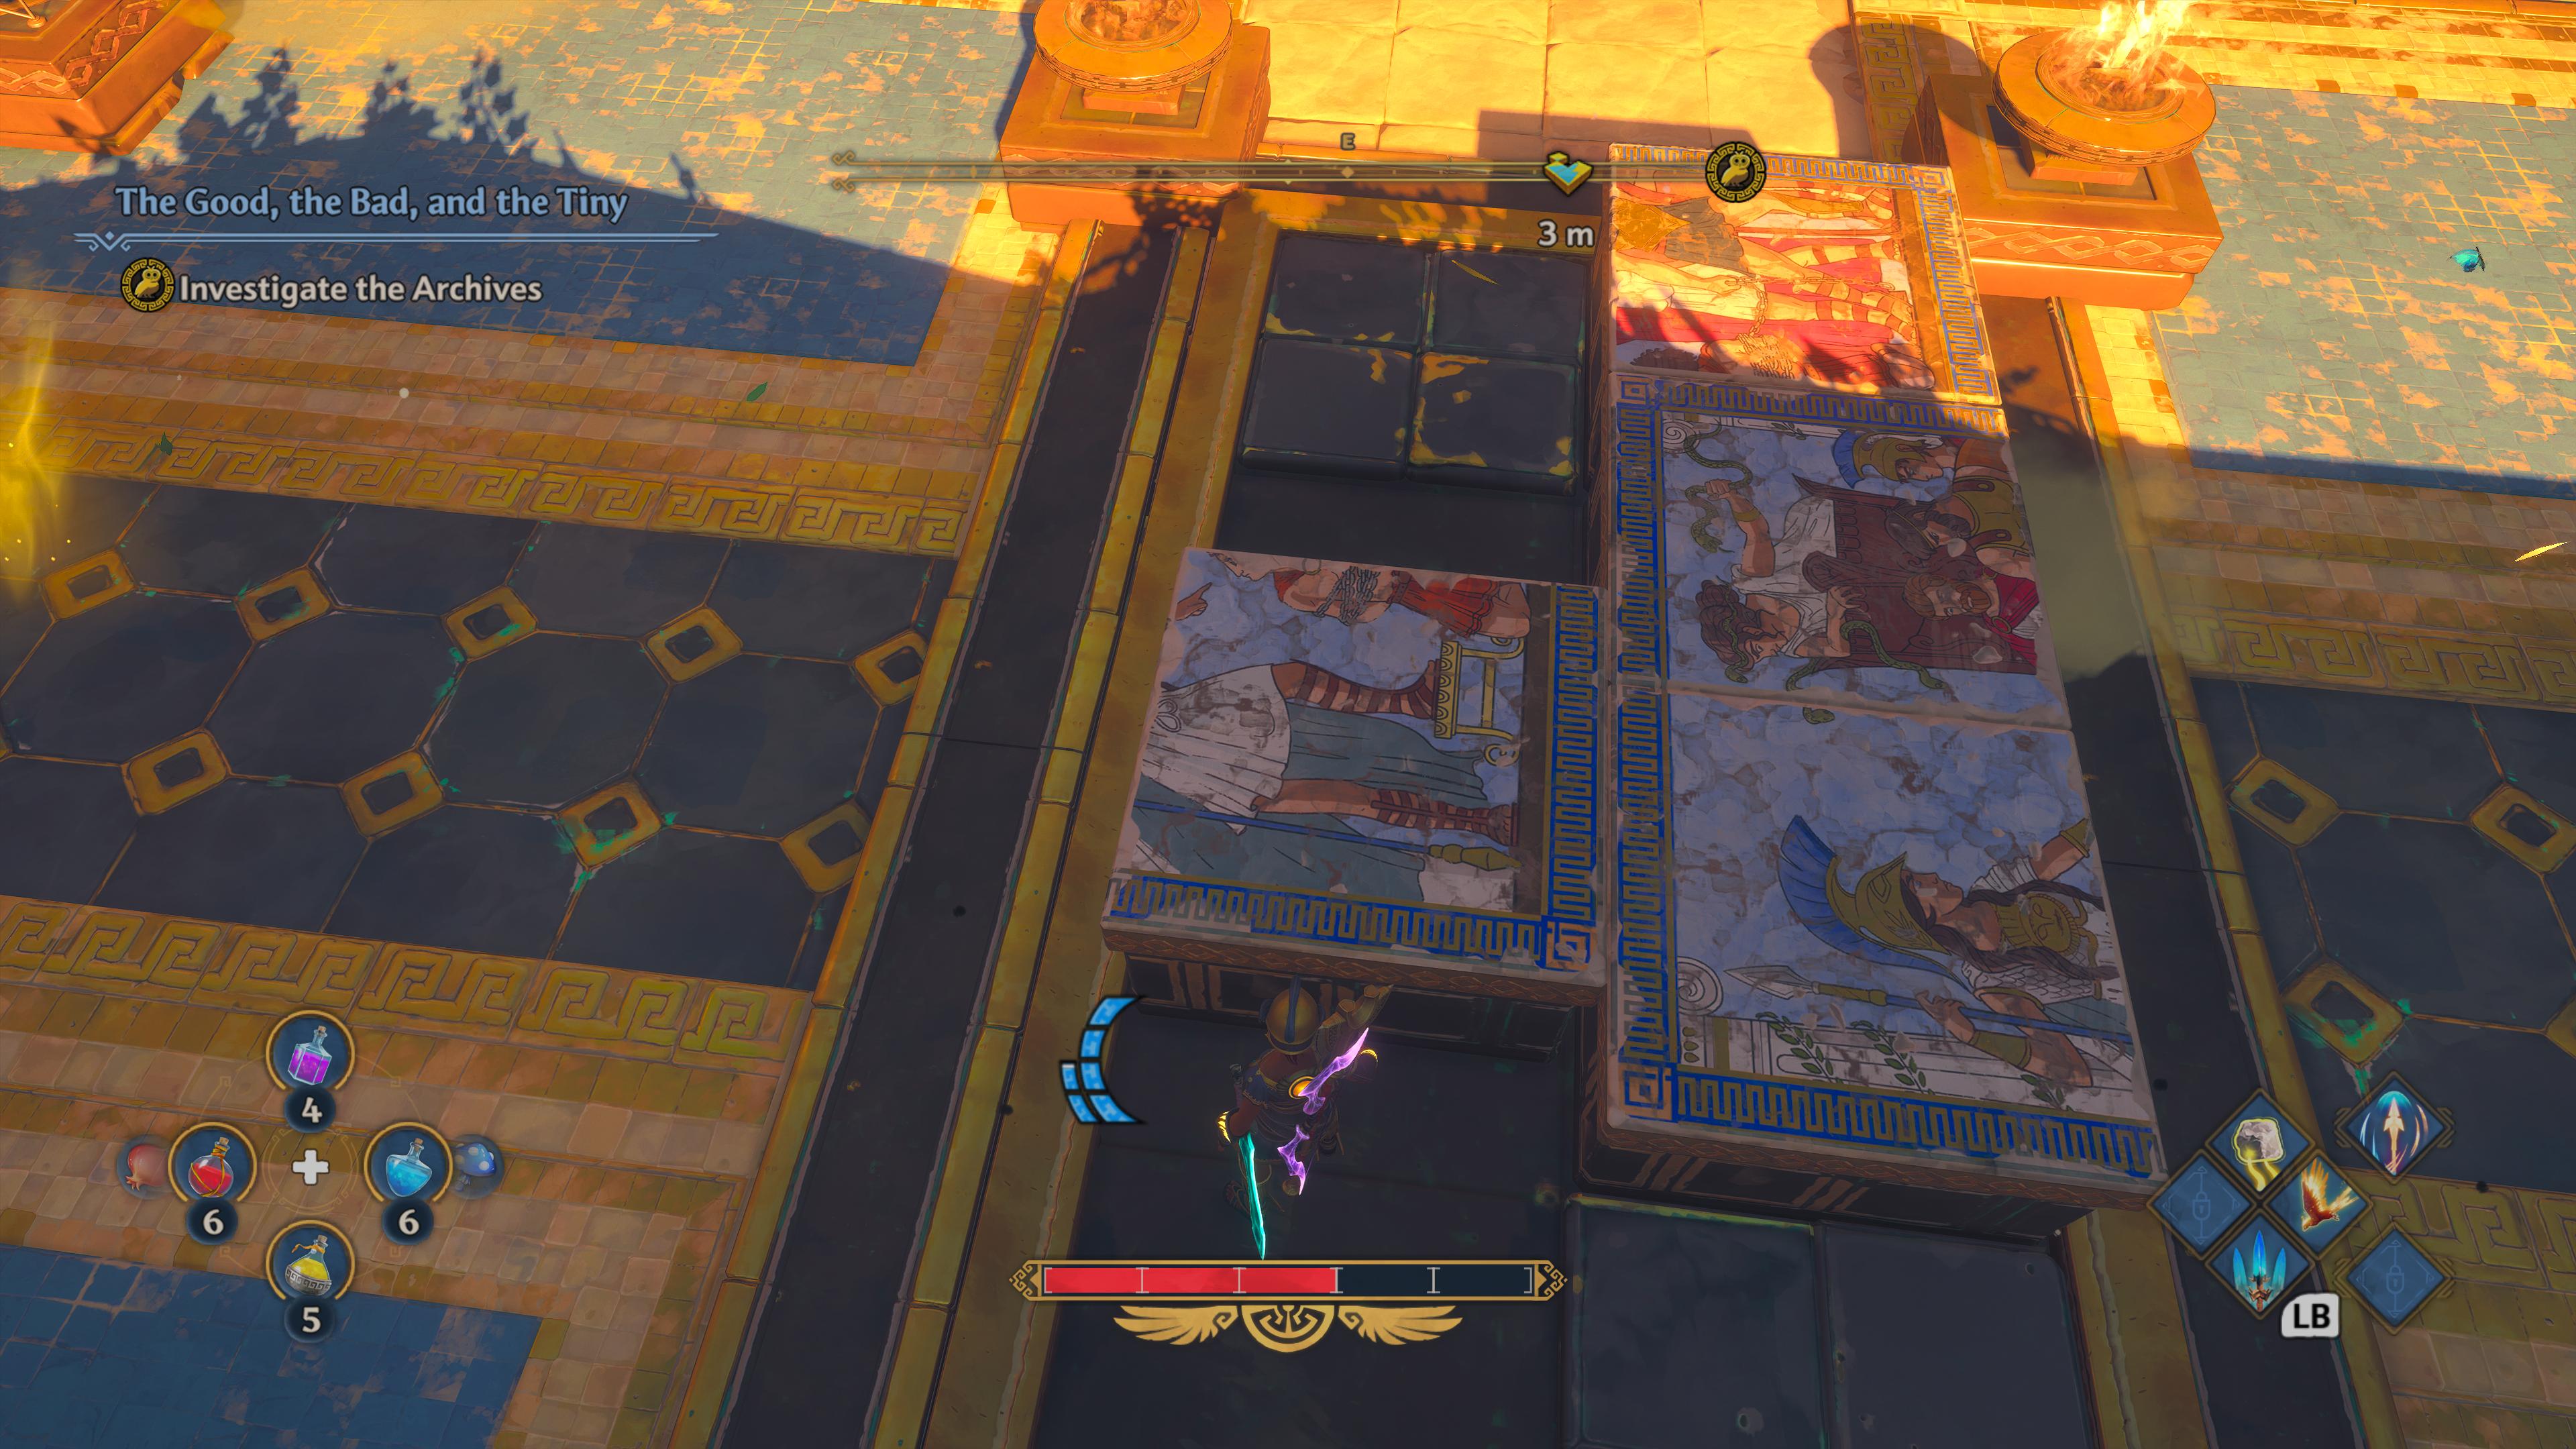 Résoudre un puzzle offre un peu de répit des combats incessants